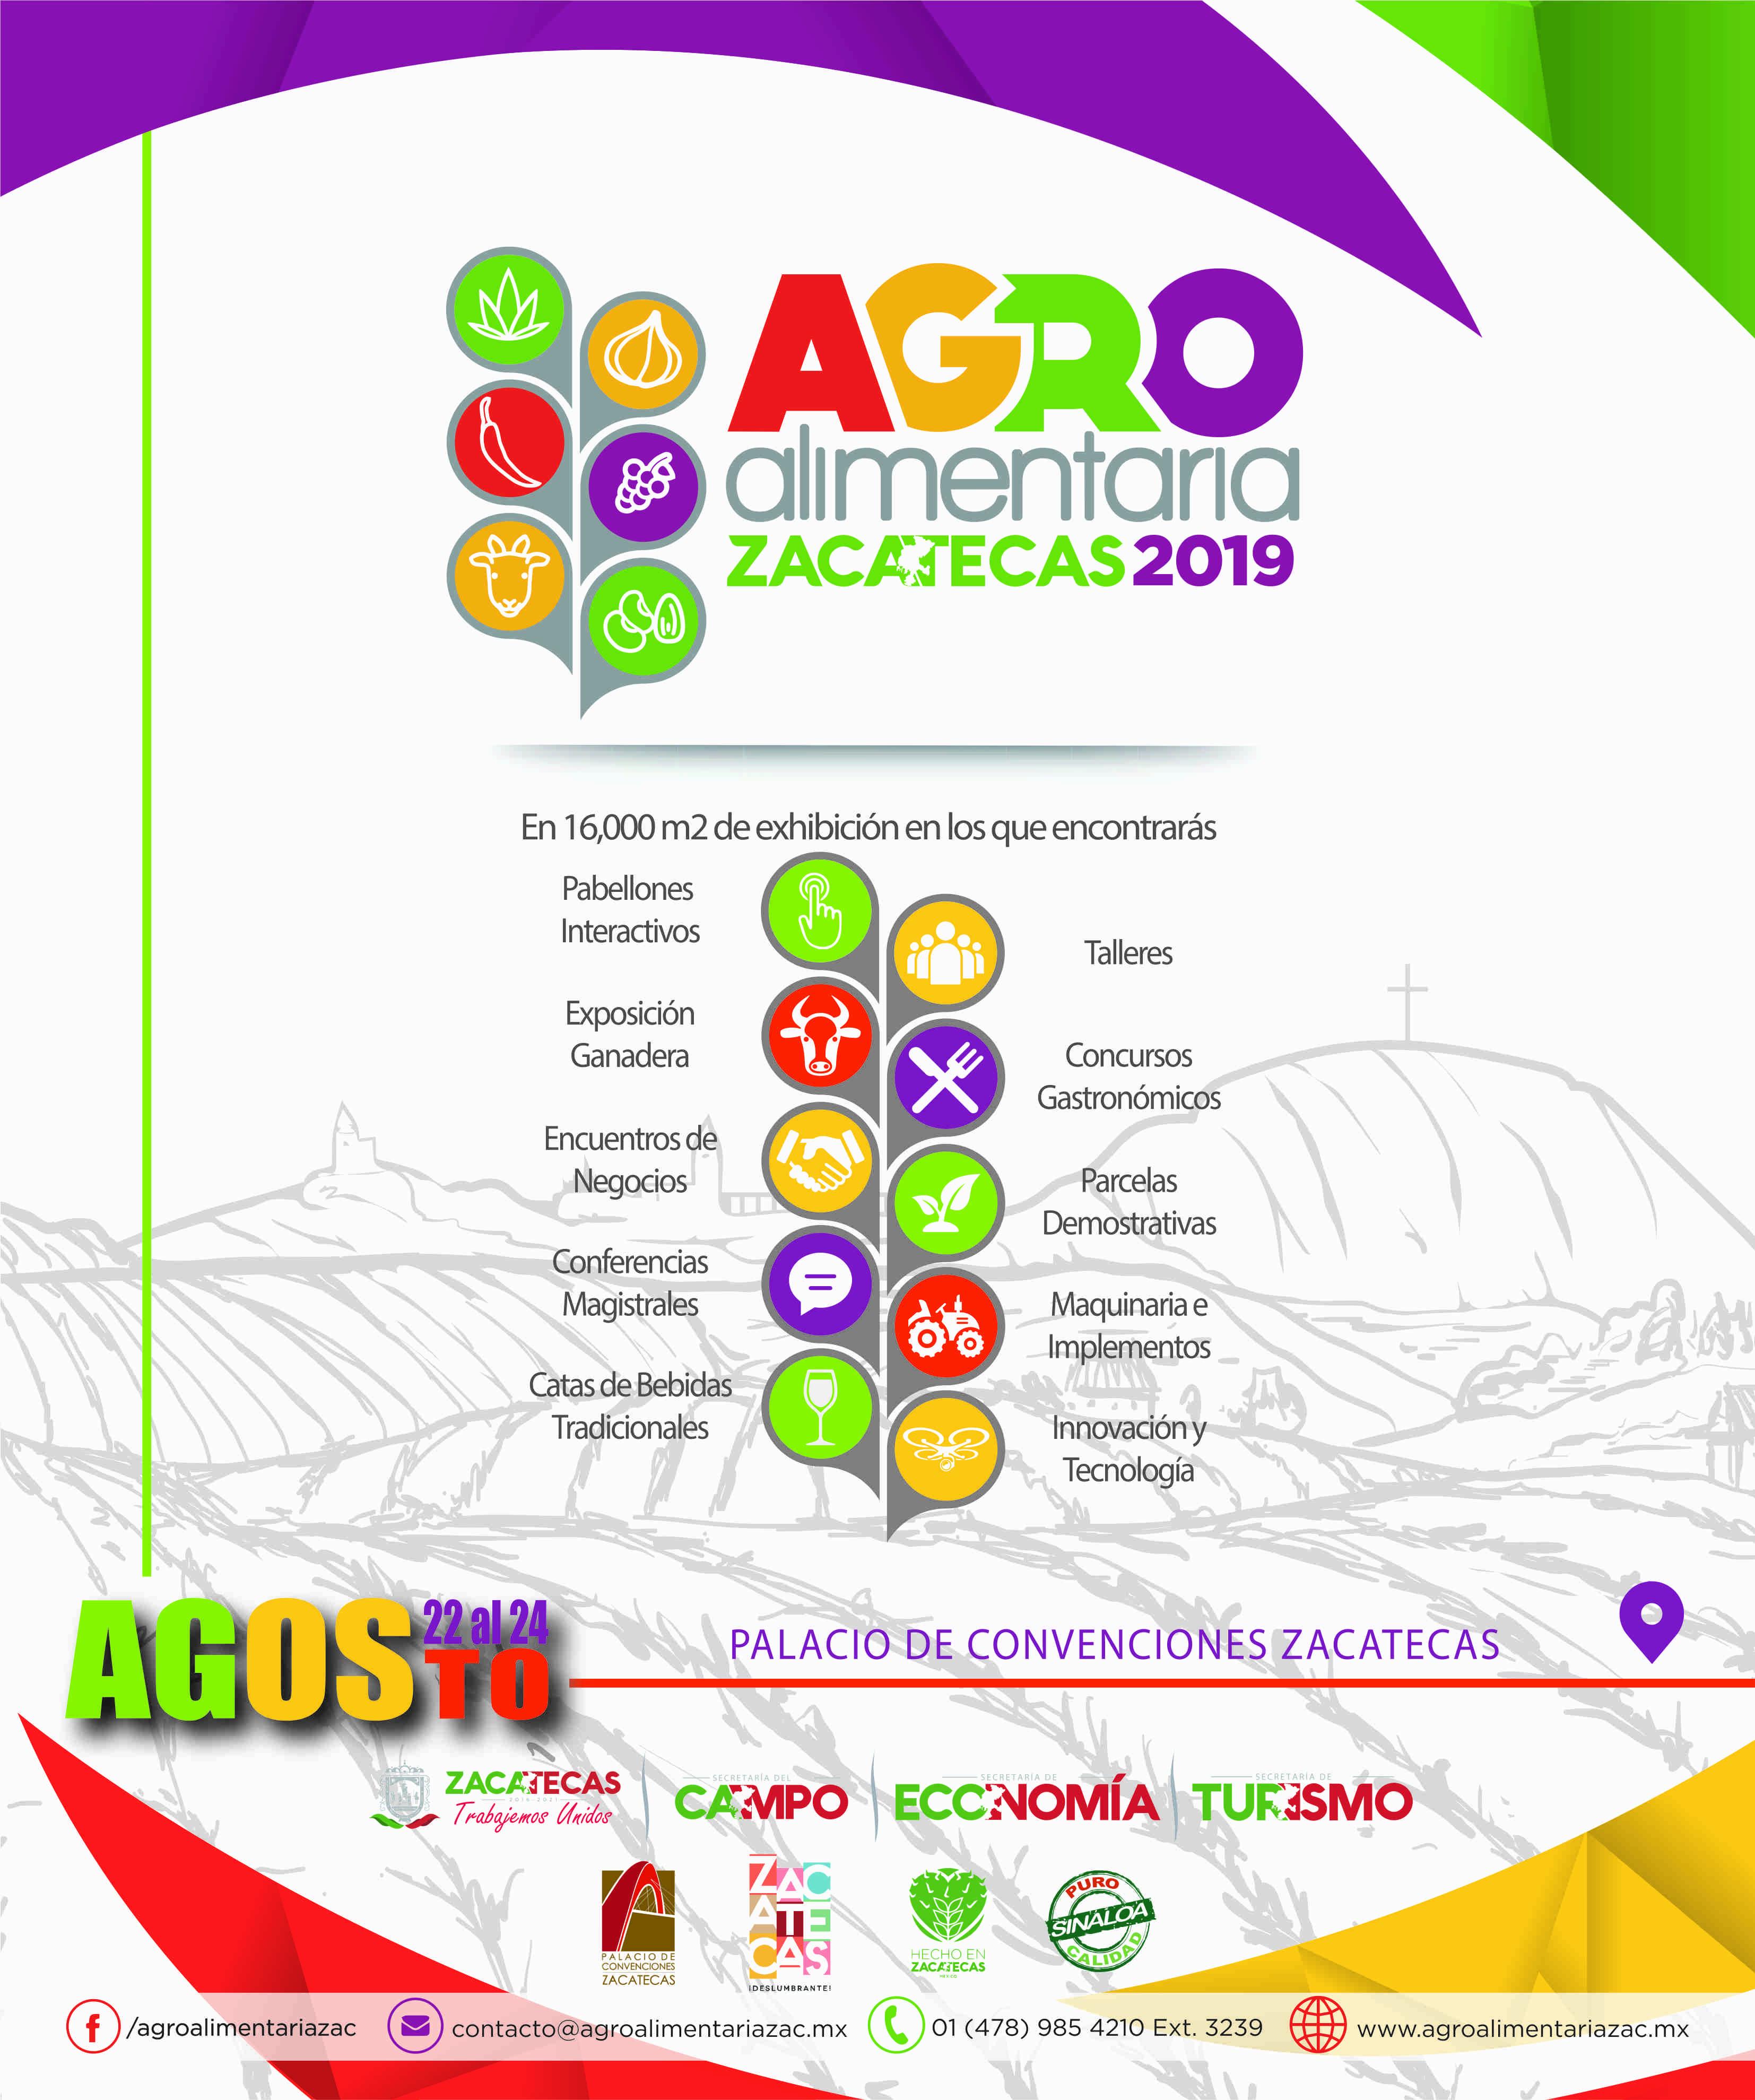 Agroalimentaria Zacatecas 2019